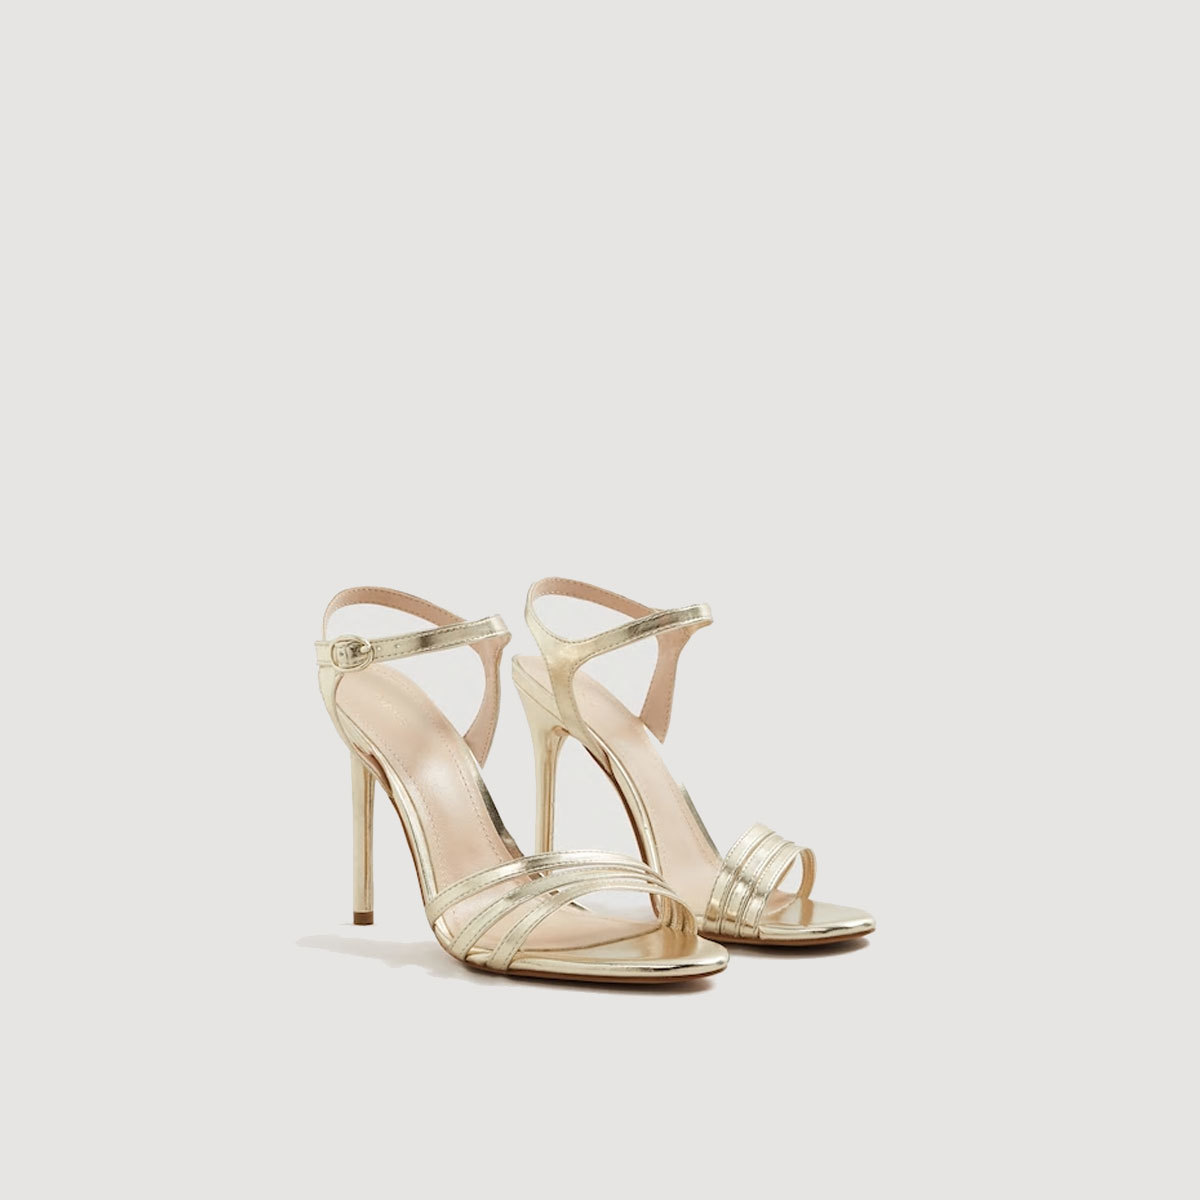 Sandalias de tacón doradas, de Mango (19,99 euros).